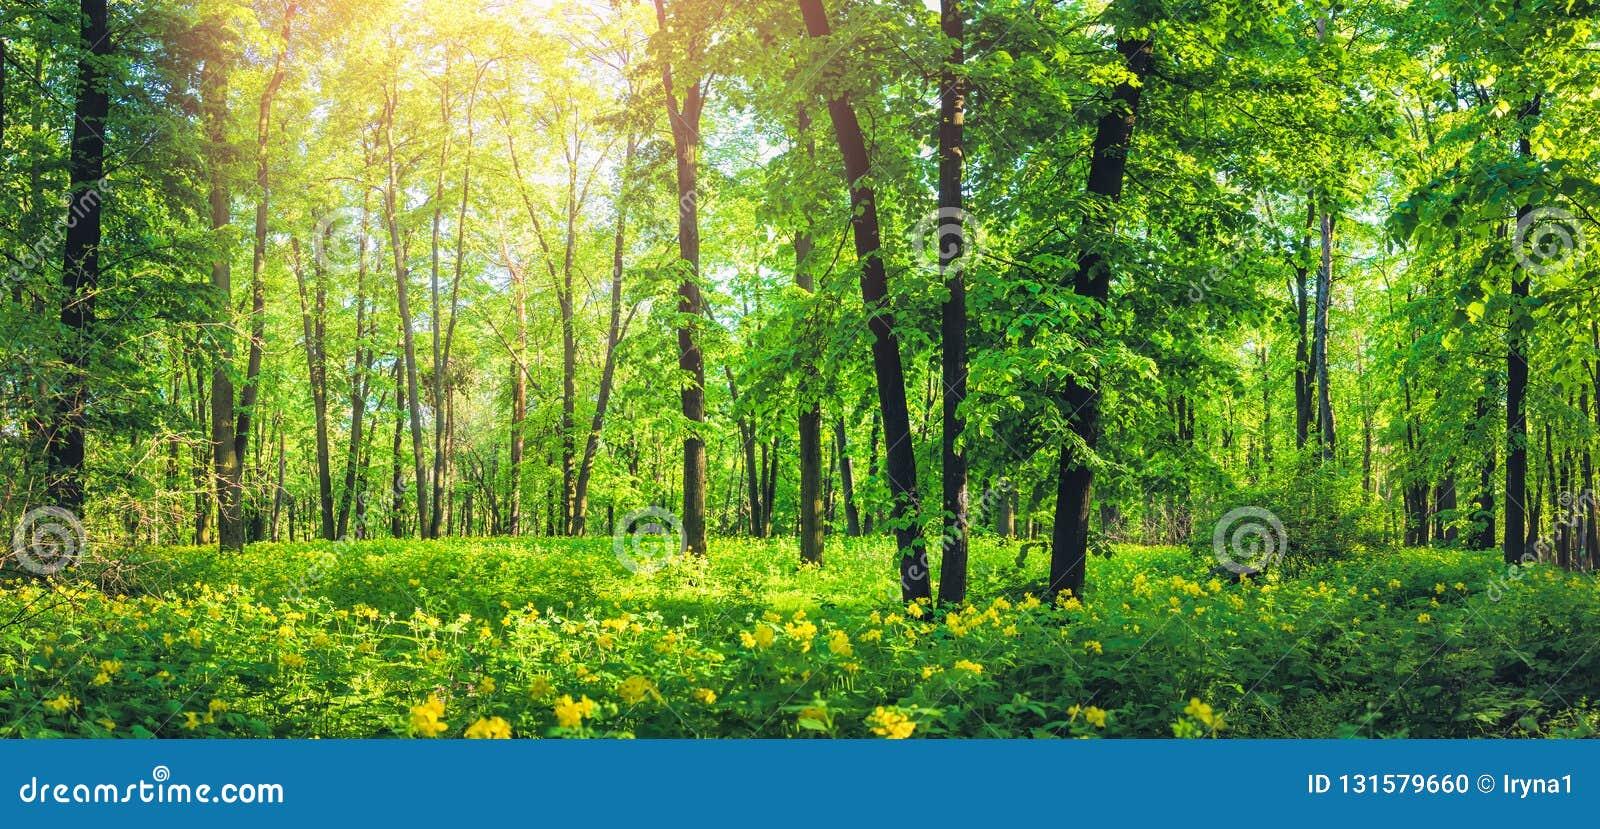 Panorama des schönen grünen Waldes im Sommer Naturlandschaft mit gelben wilden Blumen